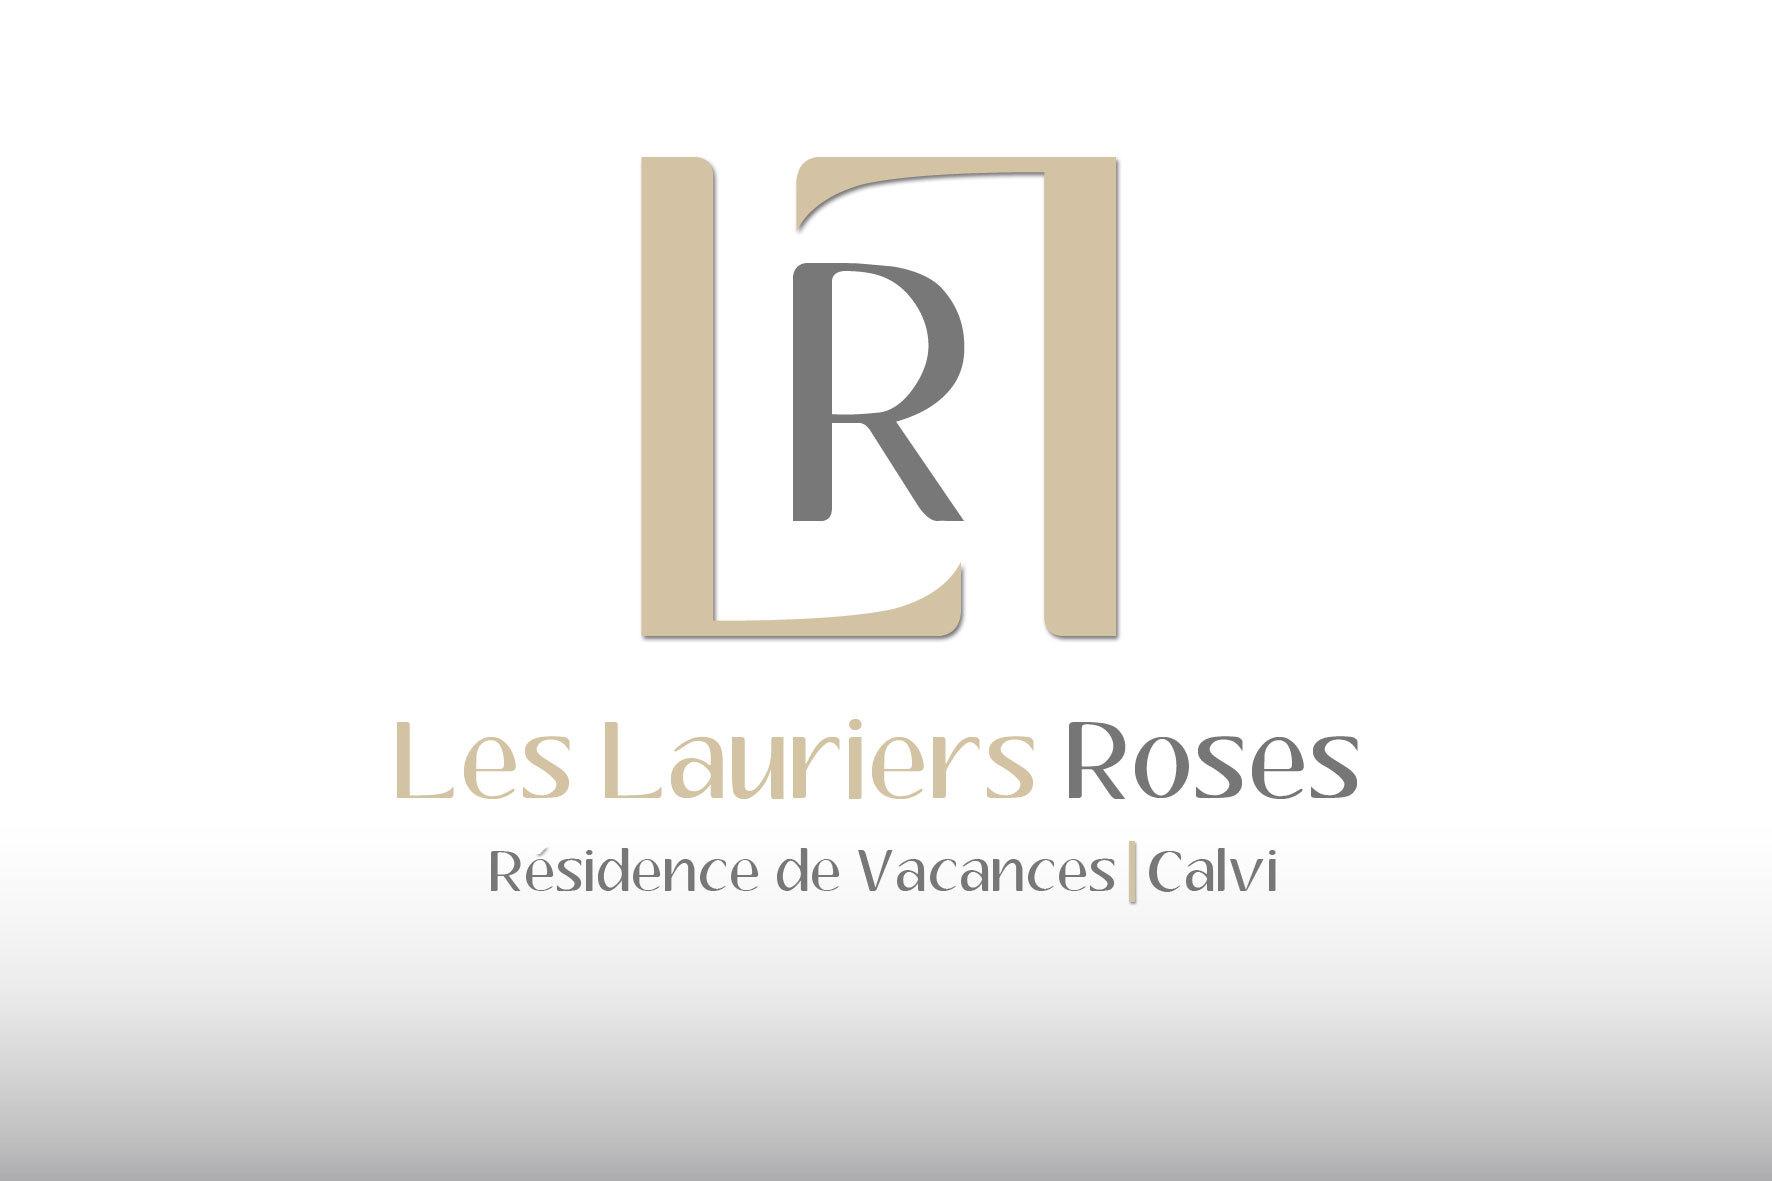 Résidence Les Lauriers Roses